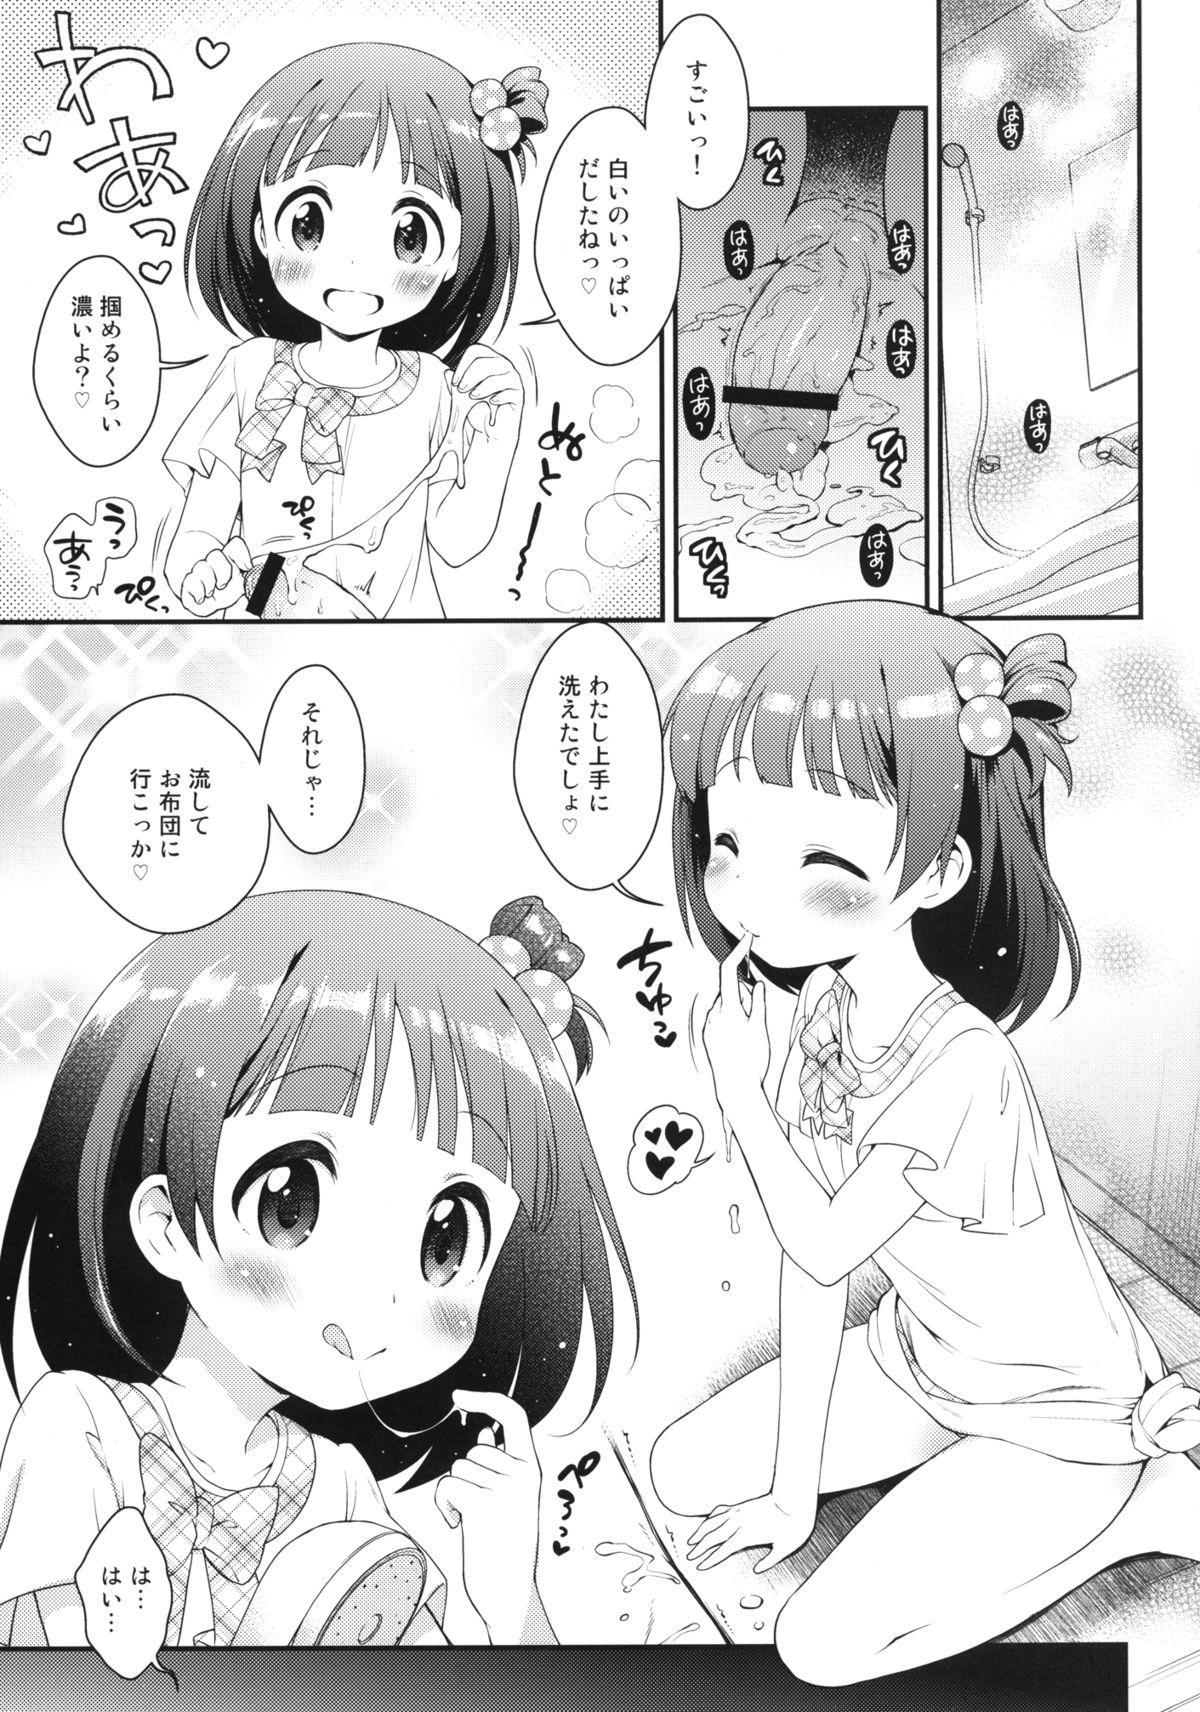 Iku-chan no Seichou Nikki 8